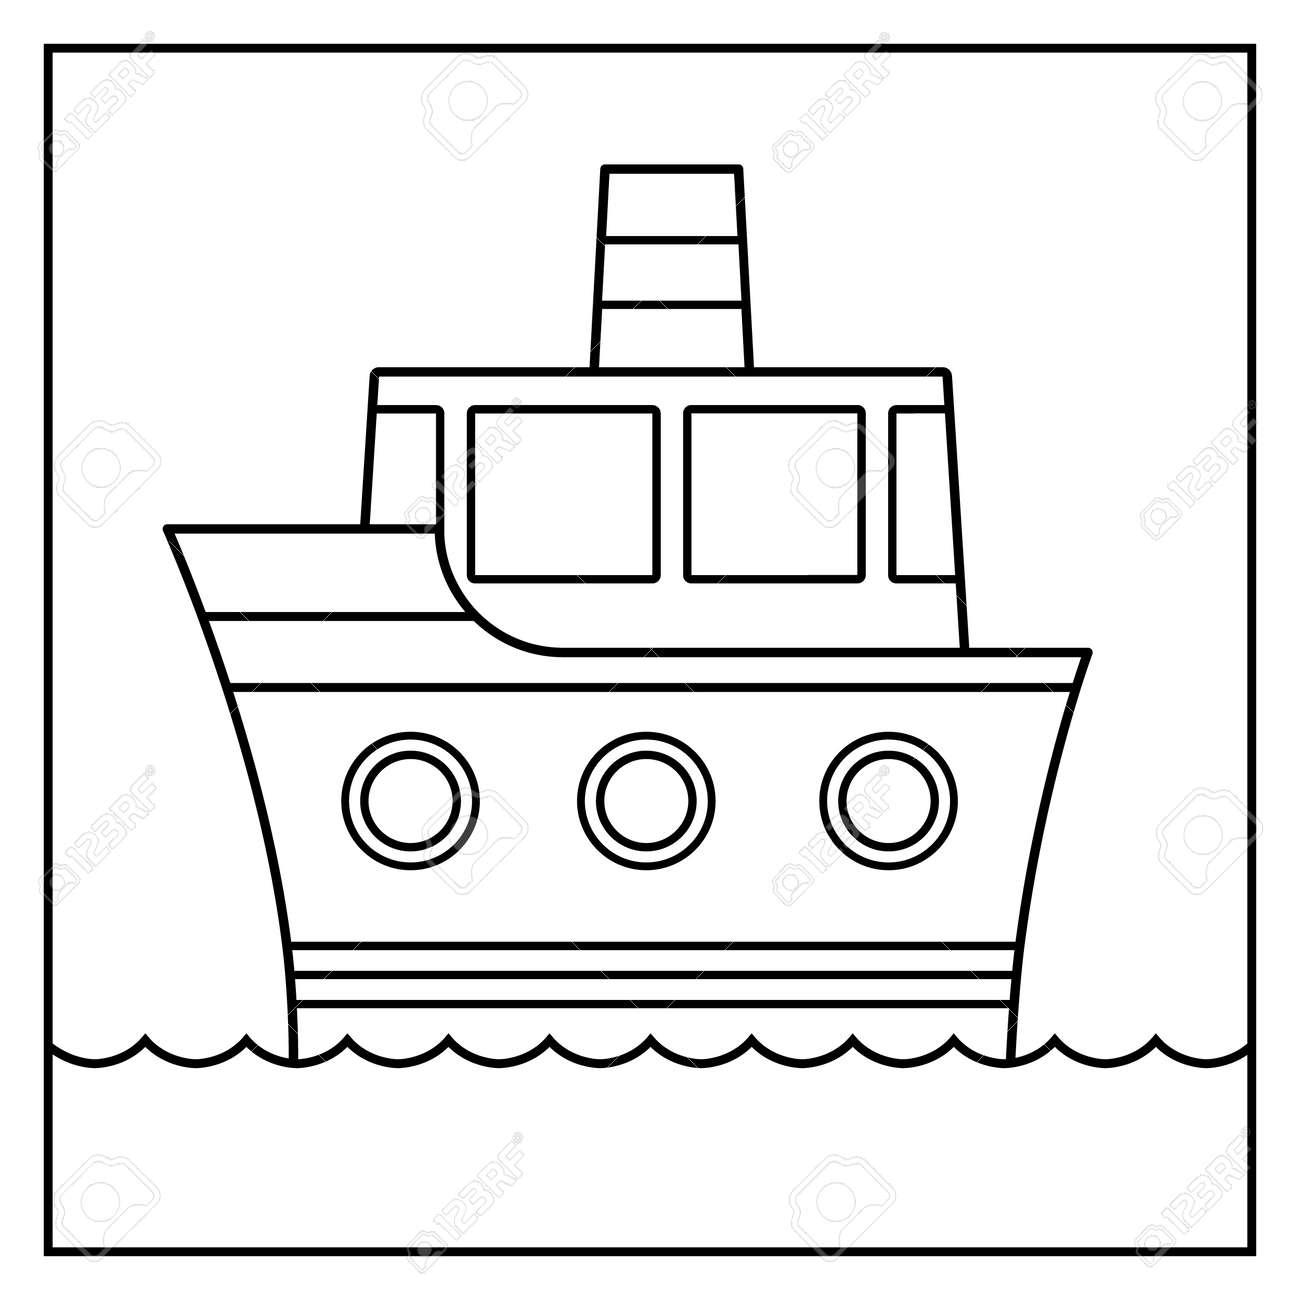 Diseño De Los Buques De Dibujos Animados Contorno Crucero Sobre El ...